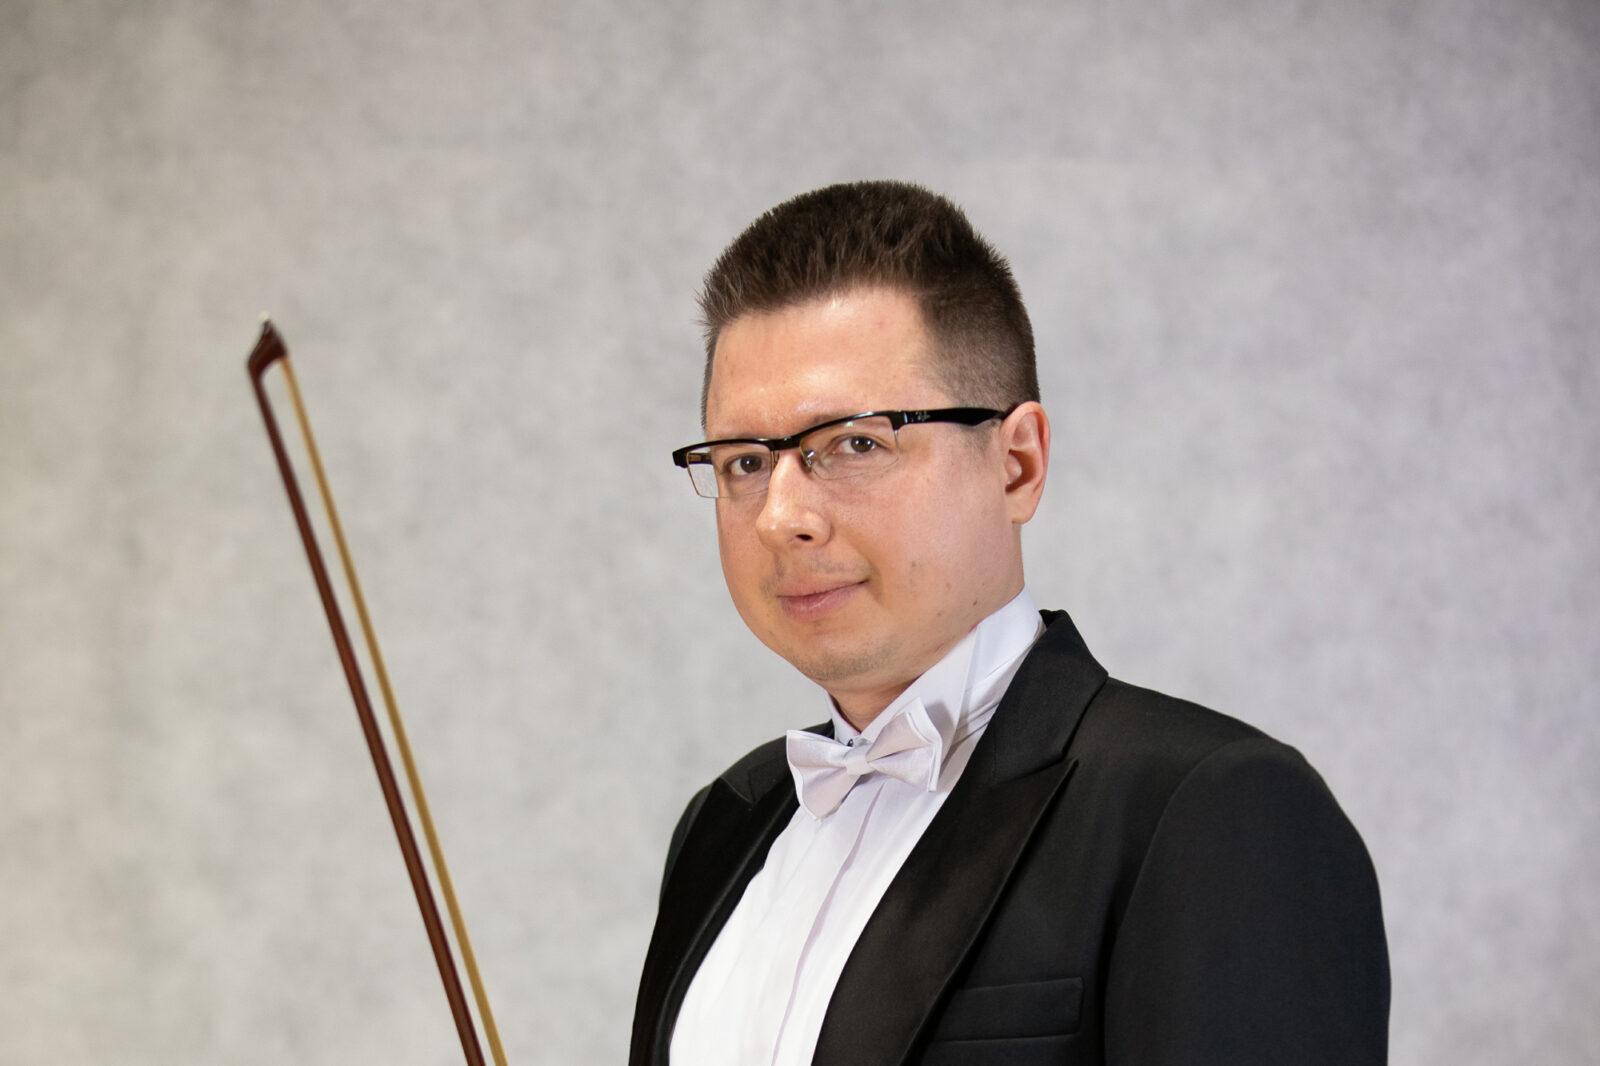 Łukasz Cholewiński